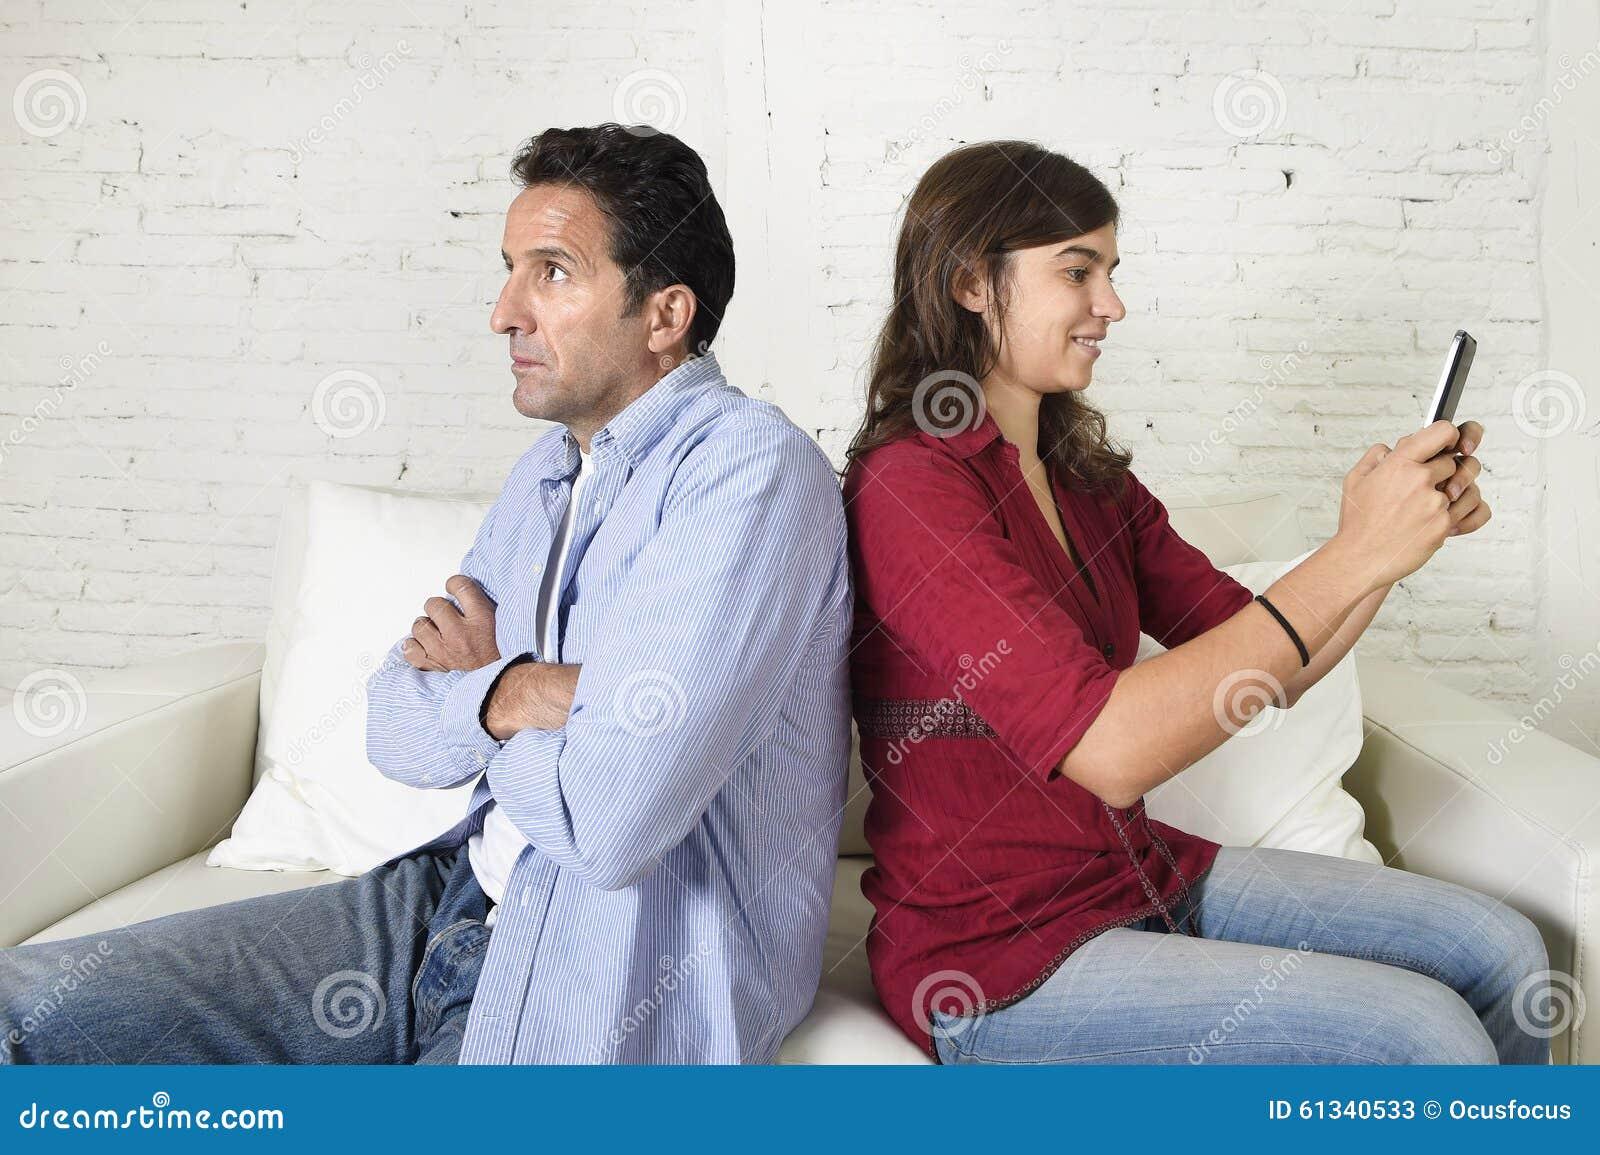 使用手机的社会网络上瘾者妇女忽略丈夫或男朋友翻倒和恼怒